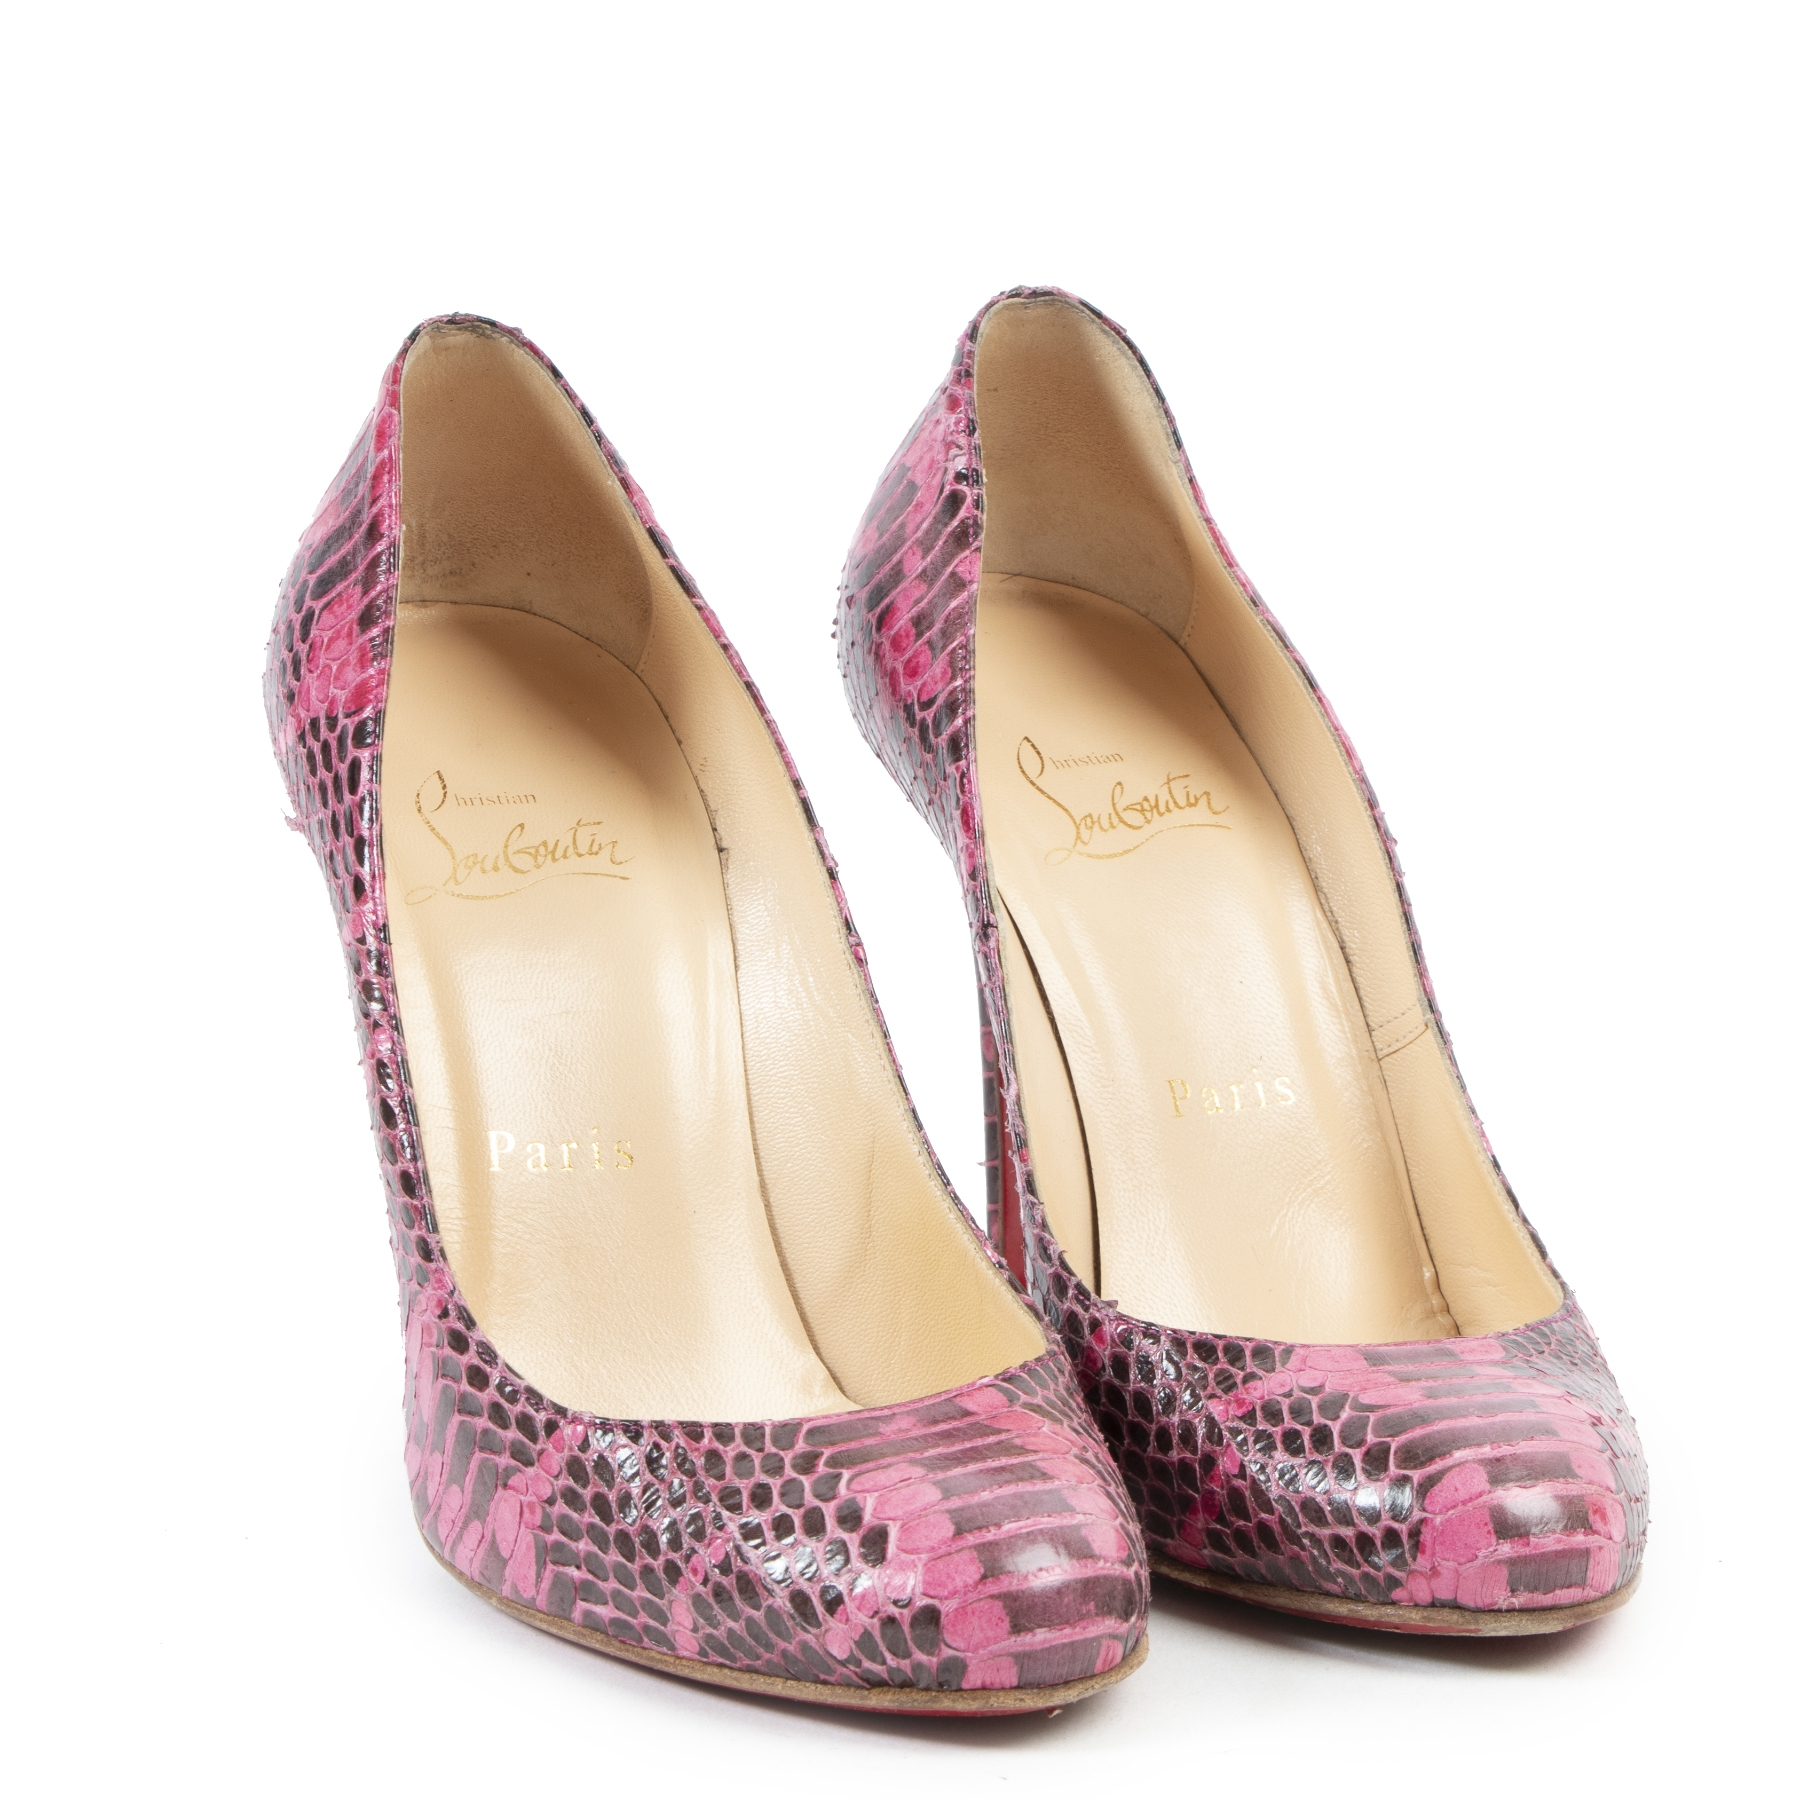 Authentieke Tweedehands Christian Louboutin Pink Python Fifi Pumps - Size 36 juiste prijs veilig online shoppen luxe merken webshop winkelen Antwerpen België mode fashion